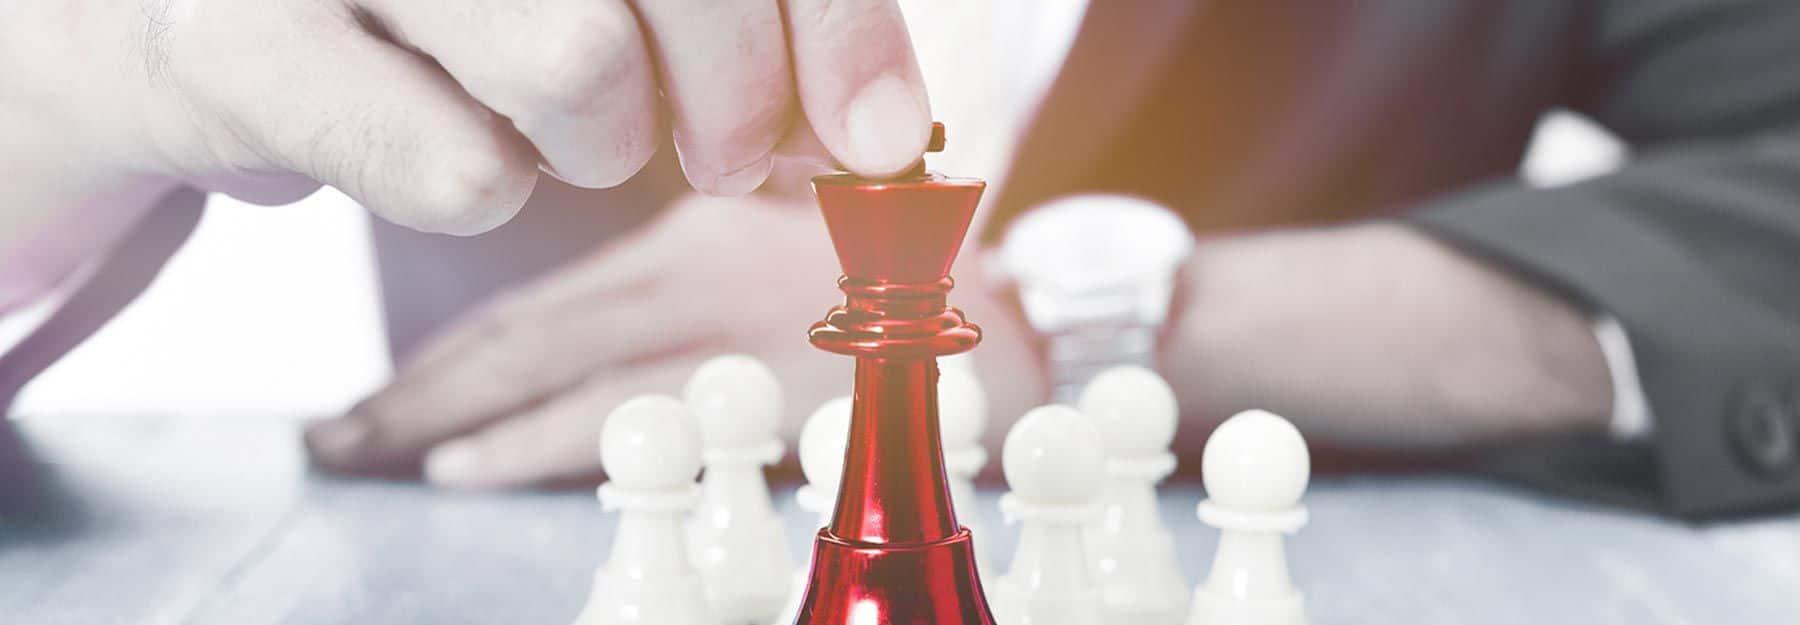 Groei in leidinggeven en managen